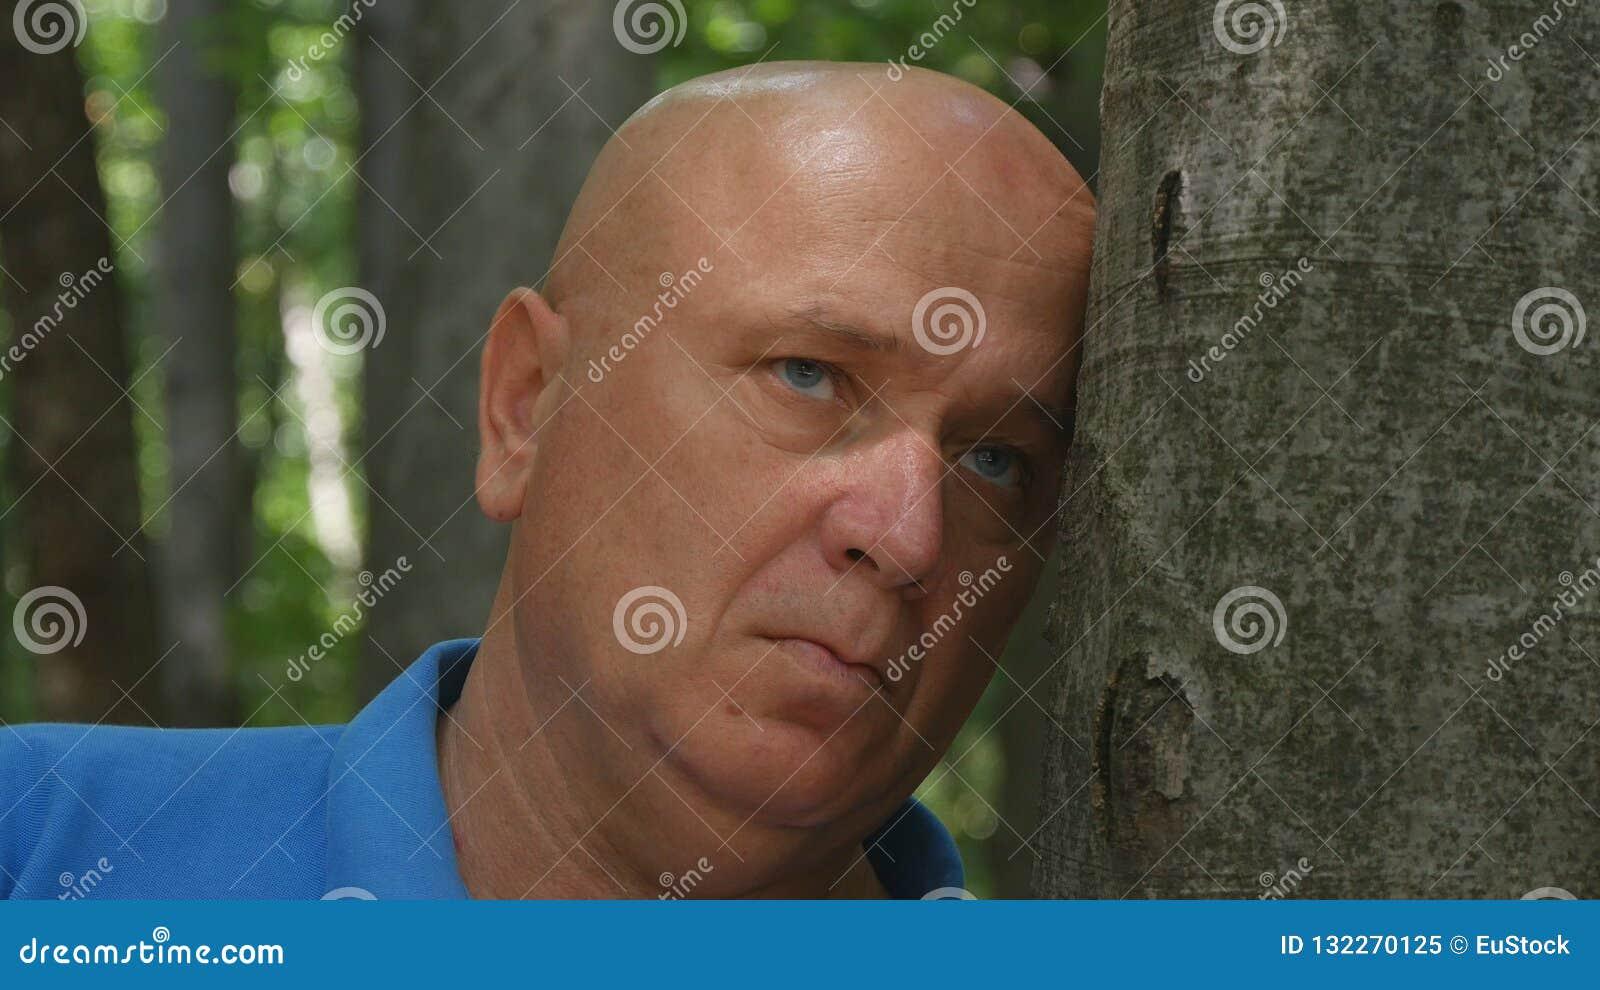 Hoffnungsloses Mann-Bild in einem Gebirgswald